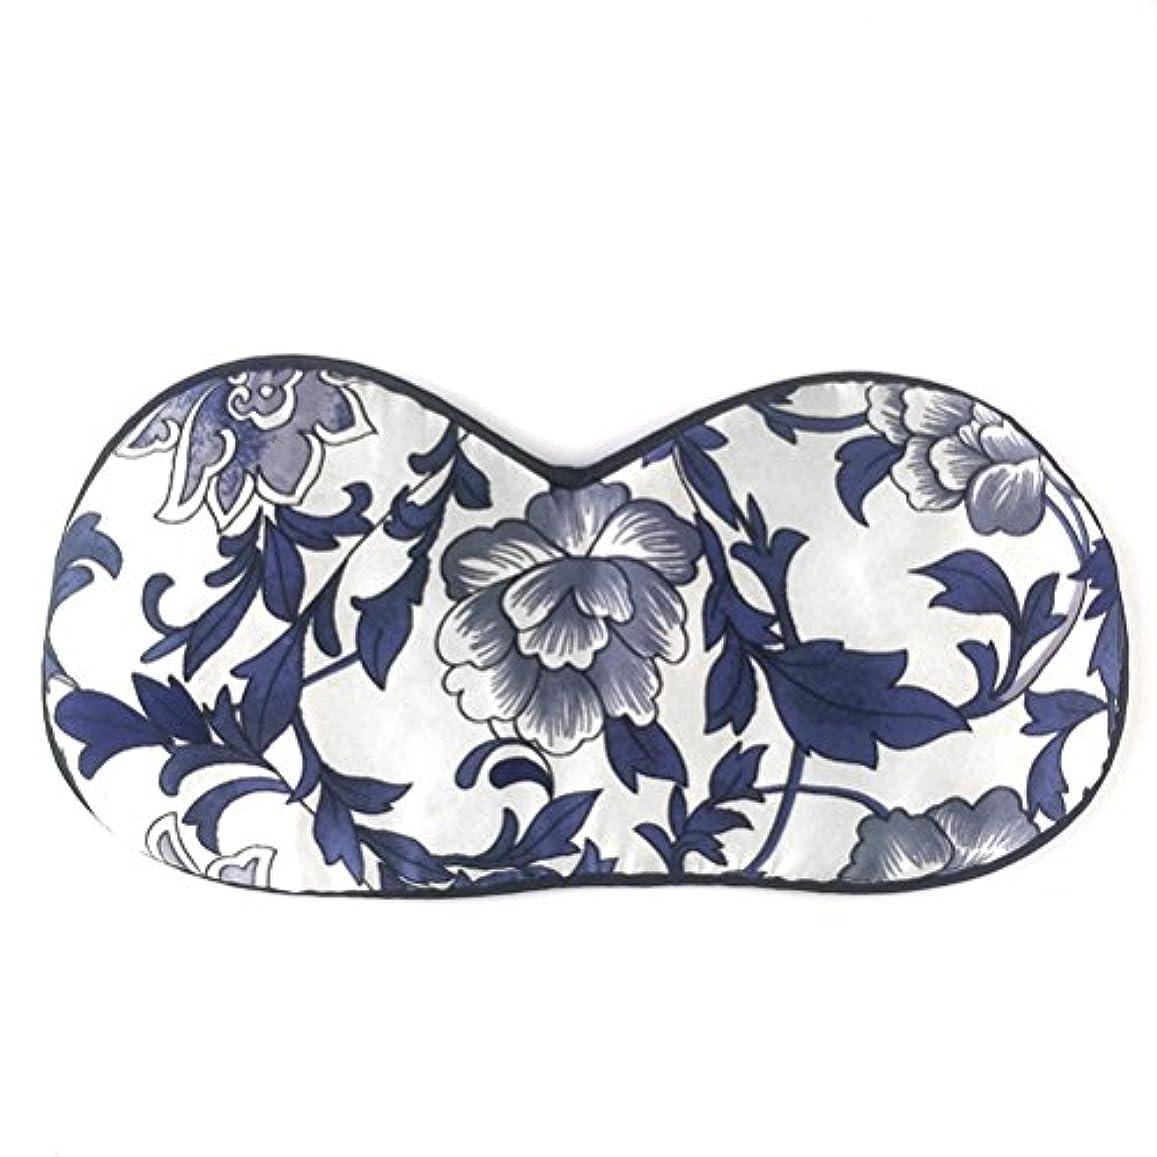 カナダ記念日優雅ULTNICE シルク睡眠の目のマスク目隠しのアイシャドウ女性のための睡眠の昼寝の瞑想(青と白の磁器)